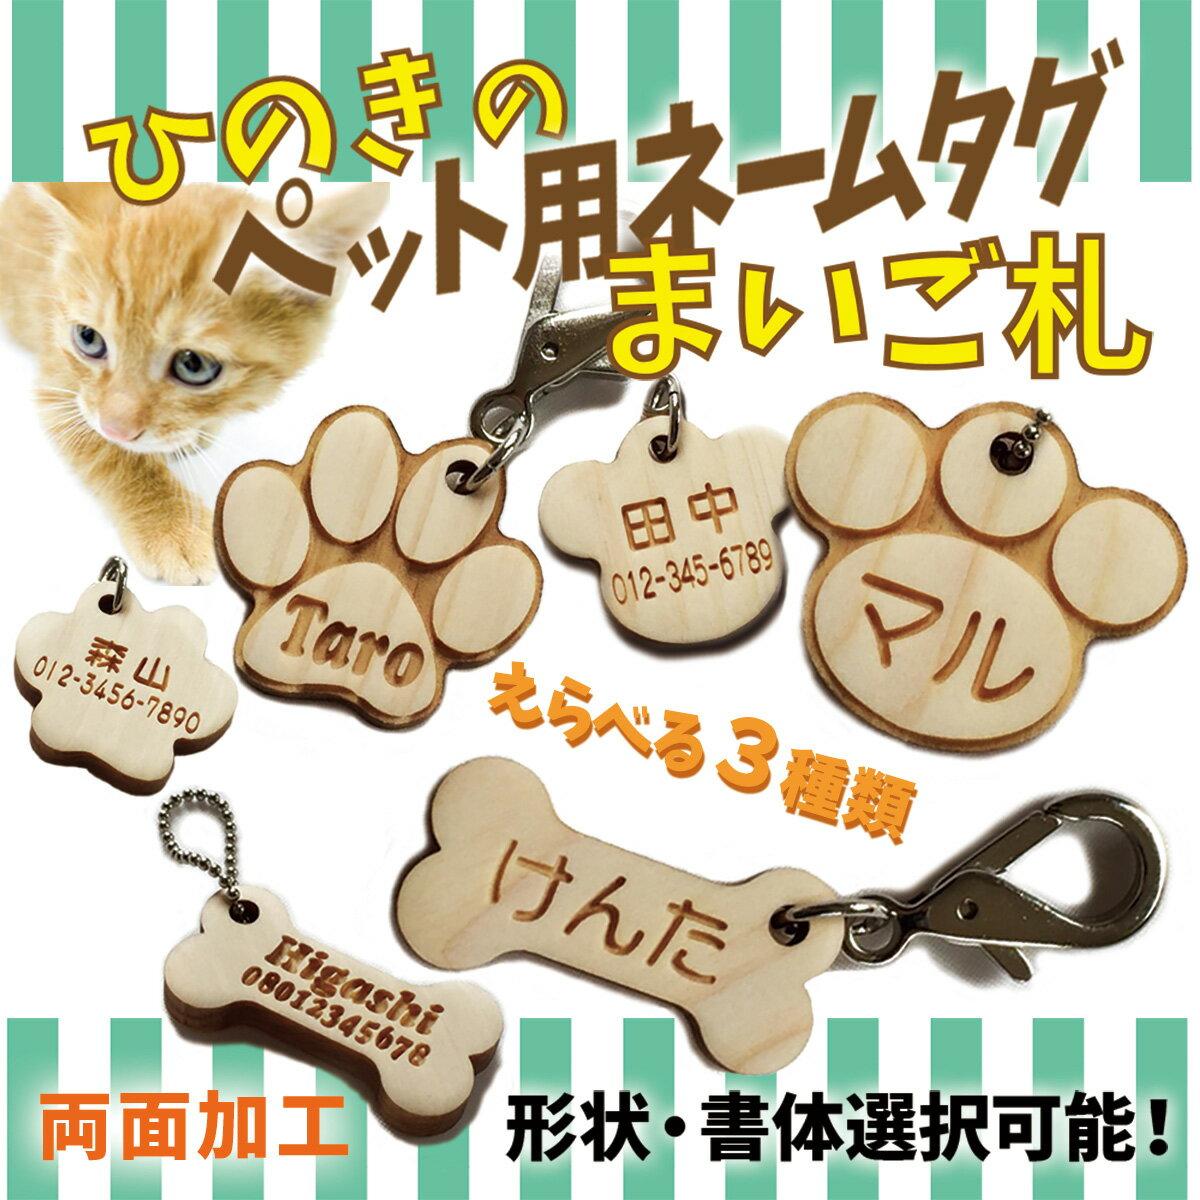 ヒノキのペット用ネームタグ。犬や猫用 迷子札 名入れ オリジナル ギフト 贈り物 ネームプレート ネームタグ ペット 木製 敬老の日